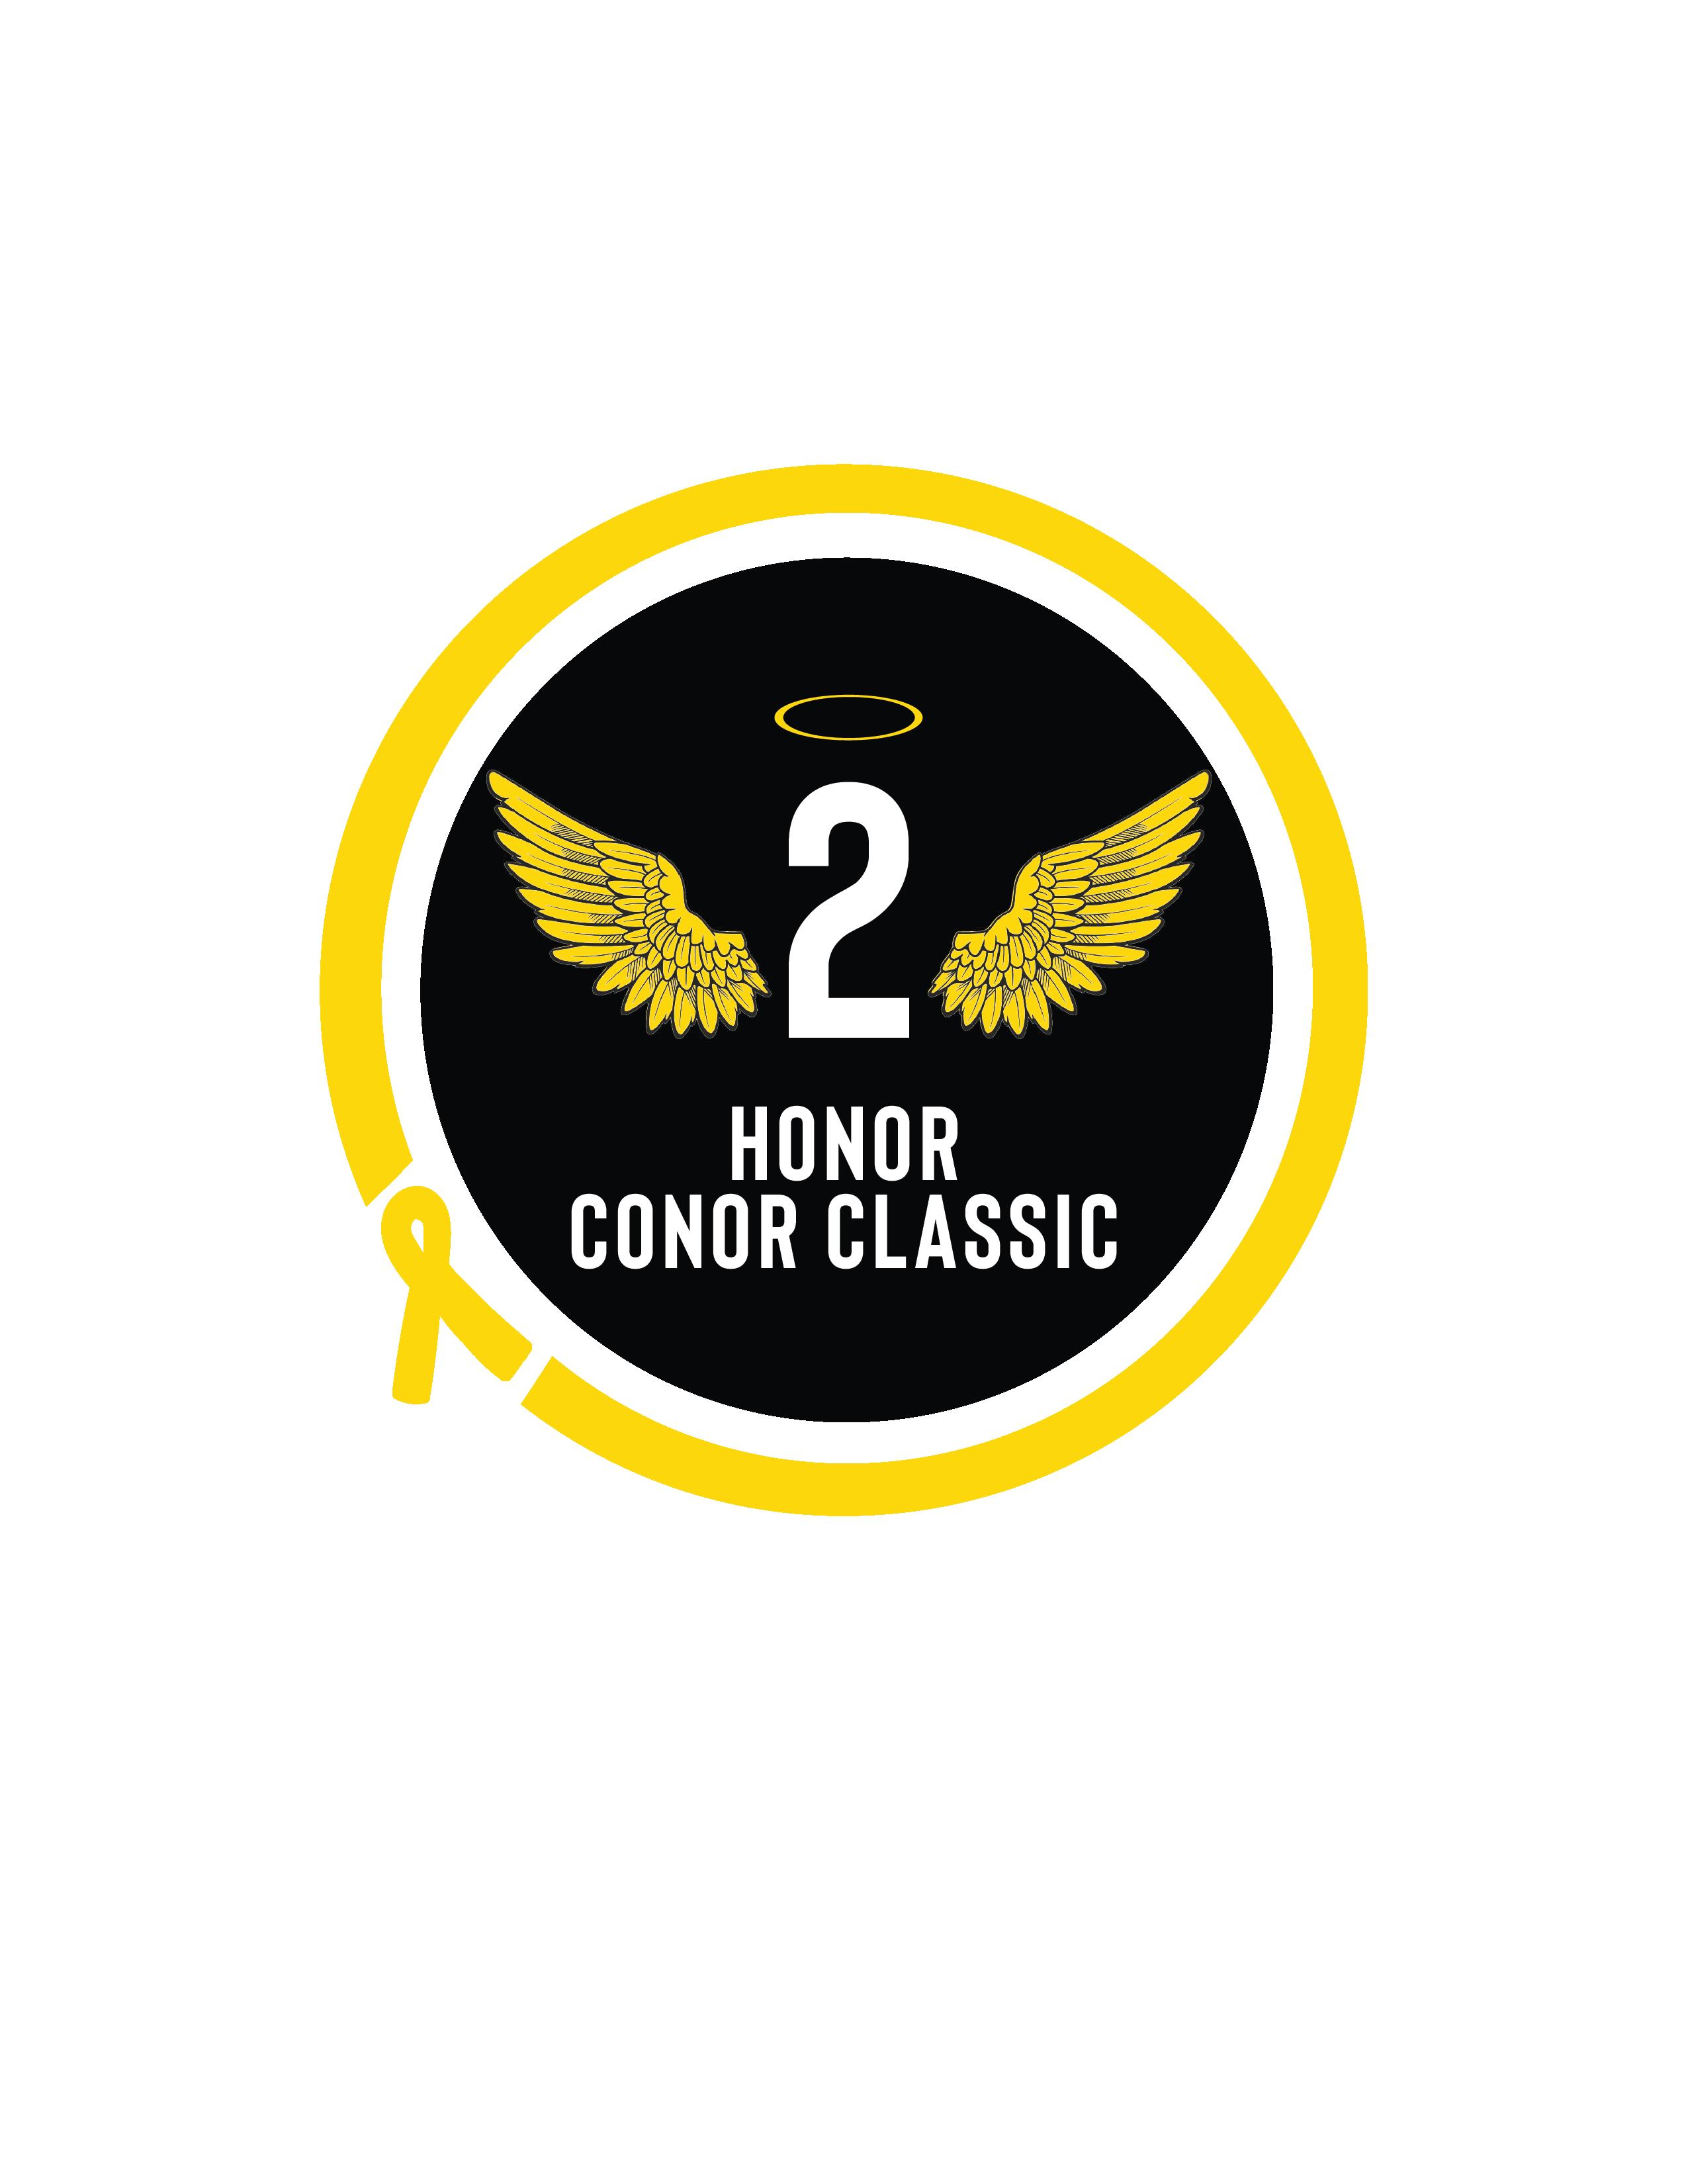 Honor Conor Classic